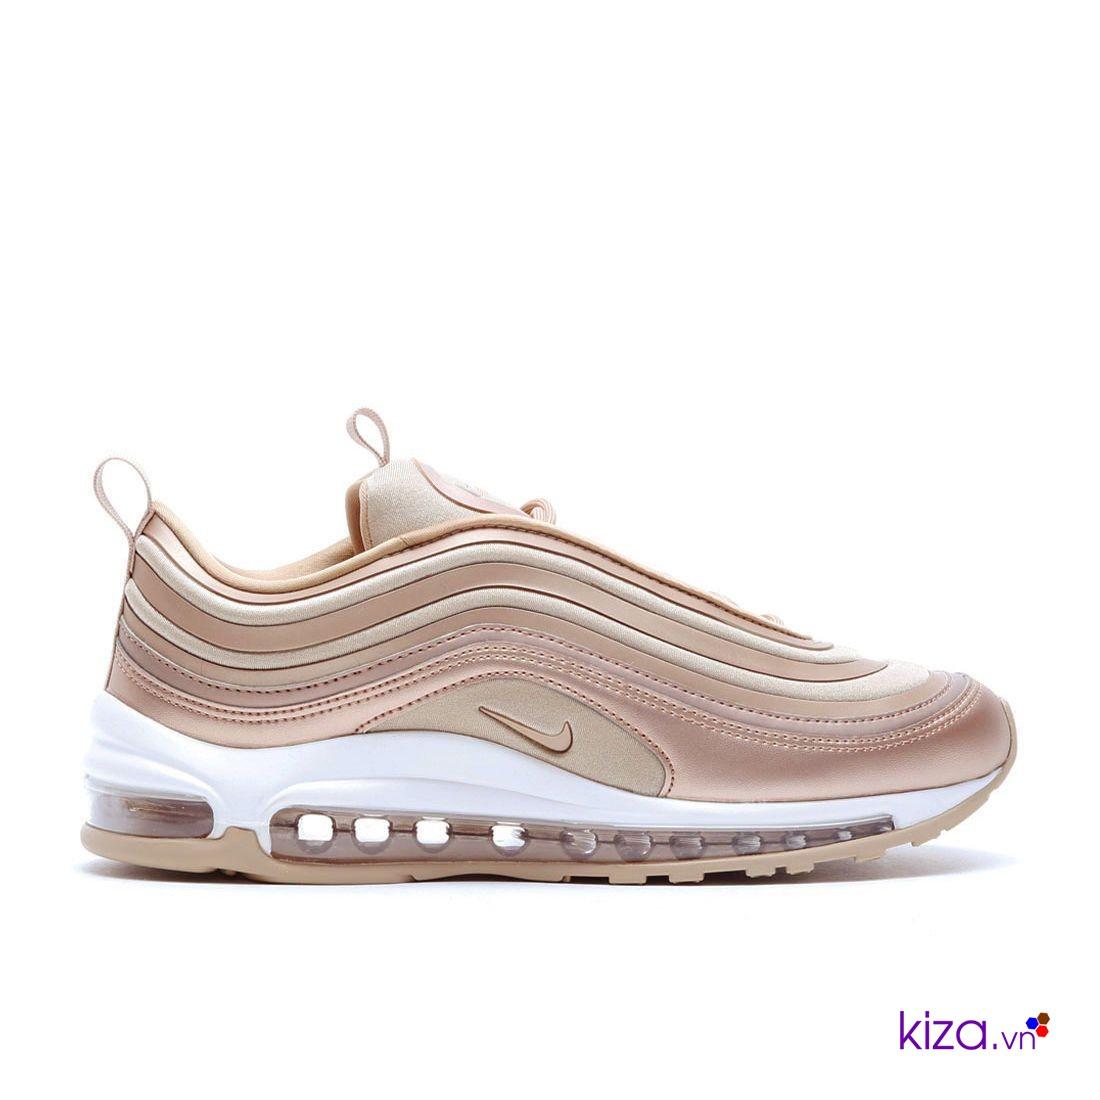 Canh những đợt Sale để mua giày Nike nữ giá hấp dẫn